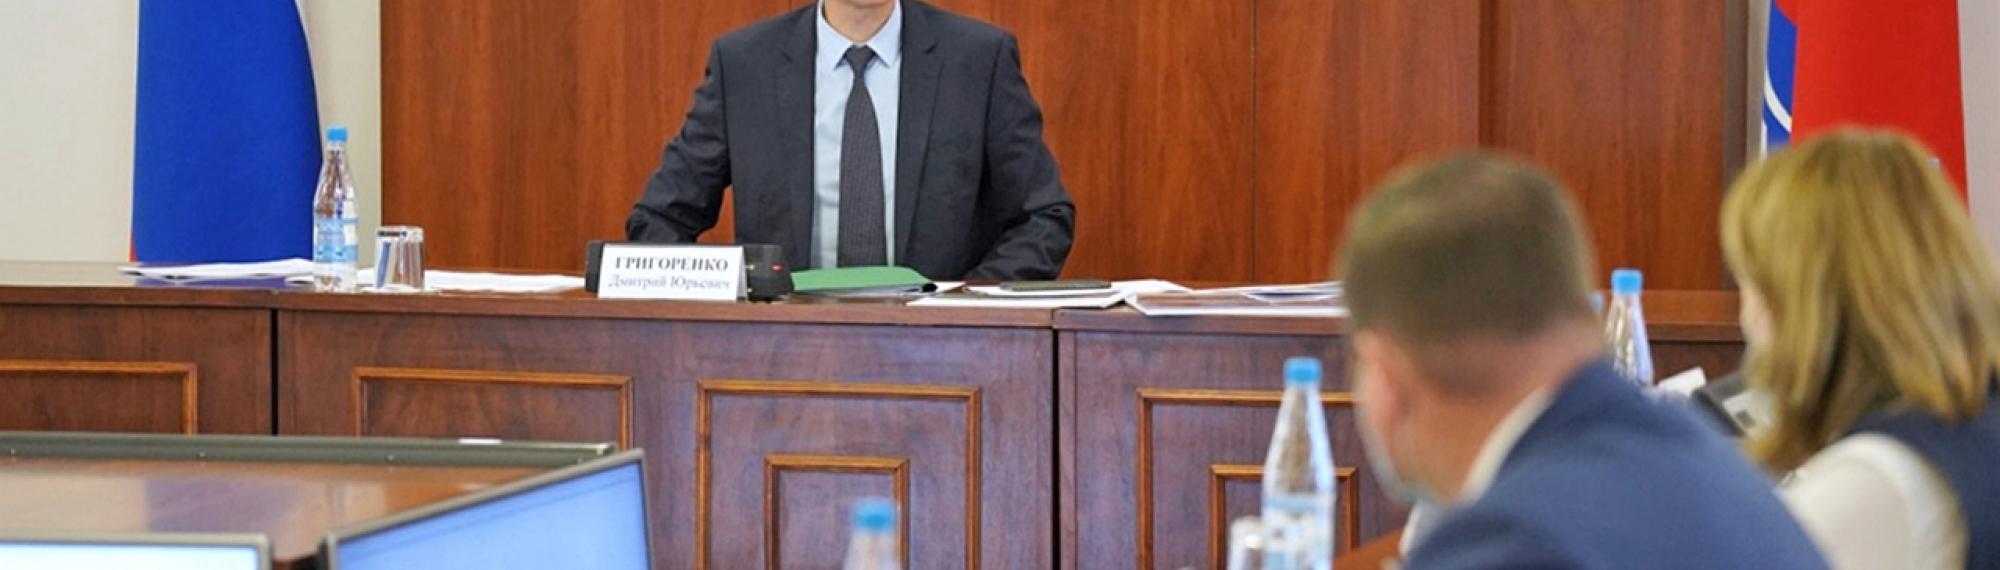 Выполнение поручений Председателя Правительства РФ Михаила Мишустина обсудили в правительстве Магаданской области